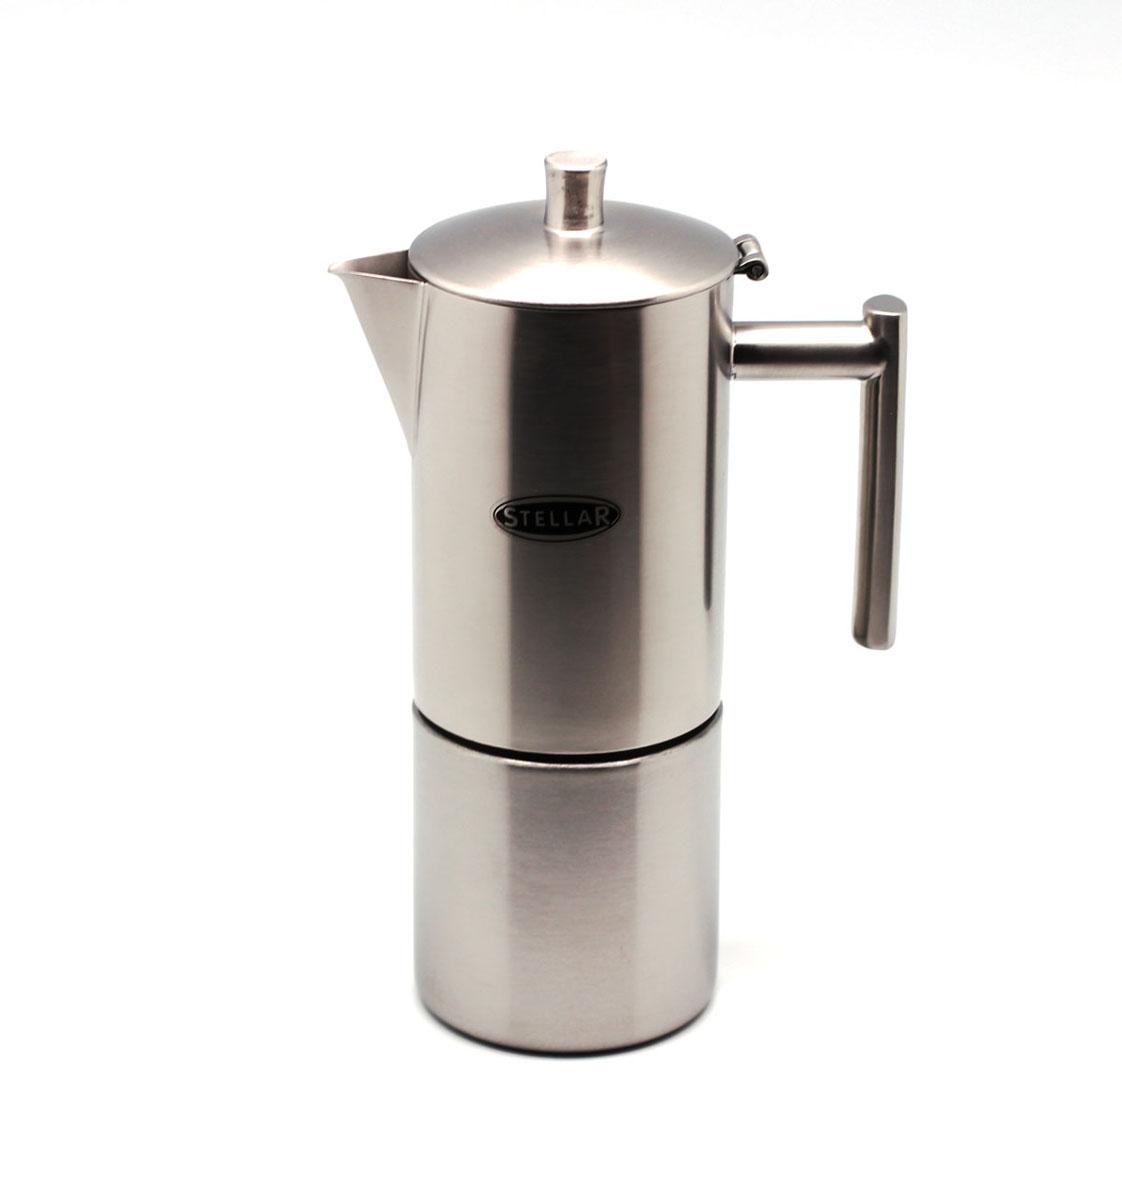 41281318SM52 Кофеварка эспрессо матиров. OSLO 6чаш, 400 мл41281318SM5241281318SM52 Кофеварка эспрессо матиров. OSLO 6чаш